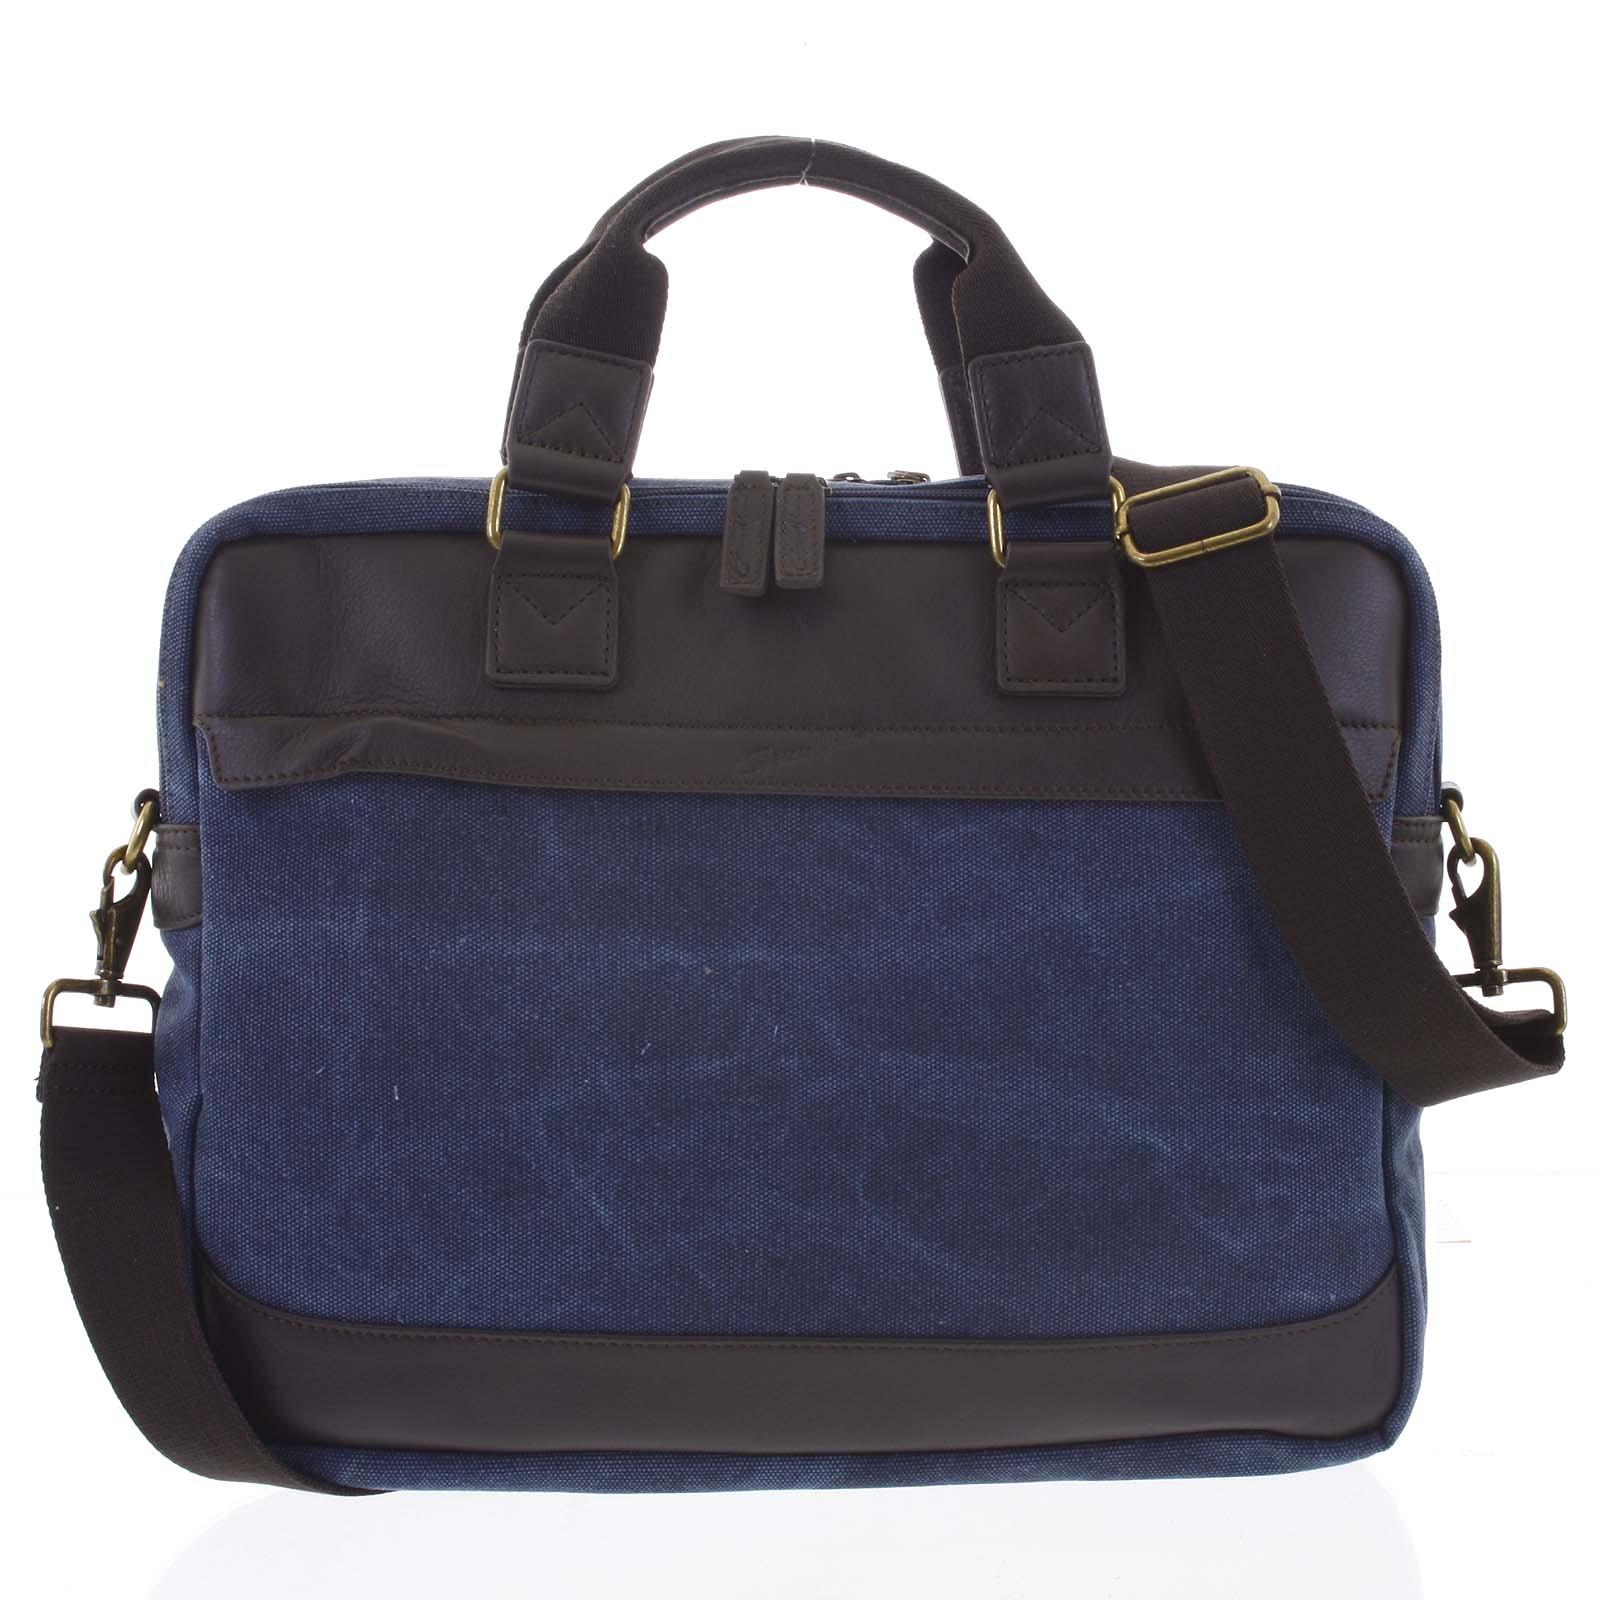 Luxusní střední pánská taška s koženými detaily modrá - Gerard Henon Baron